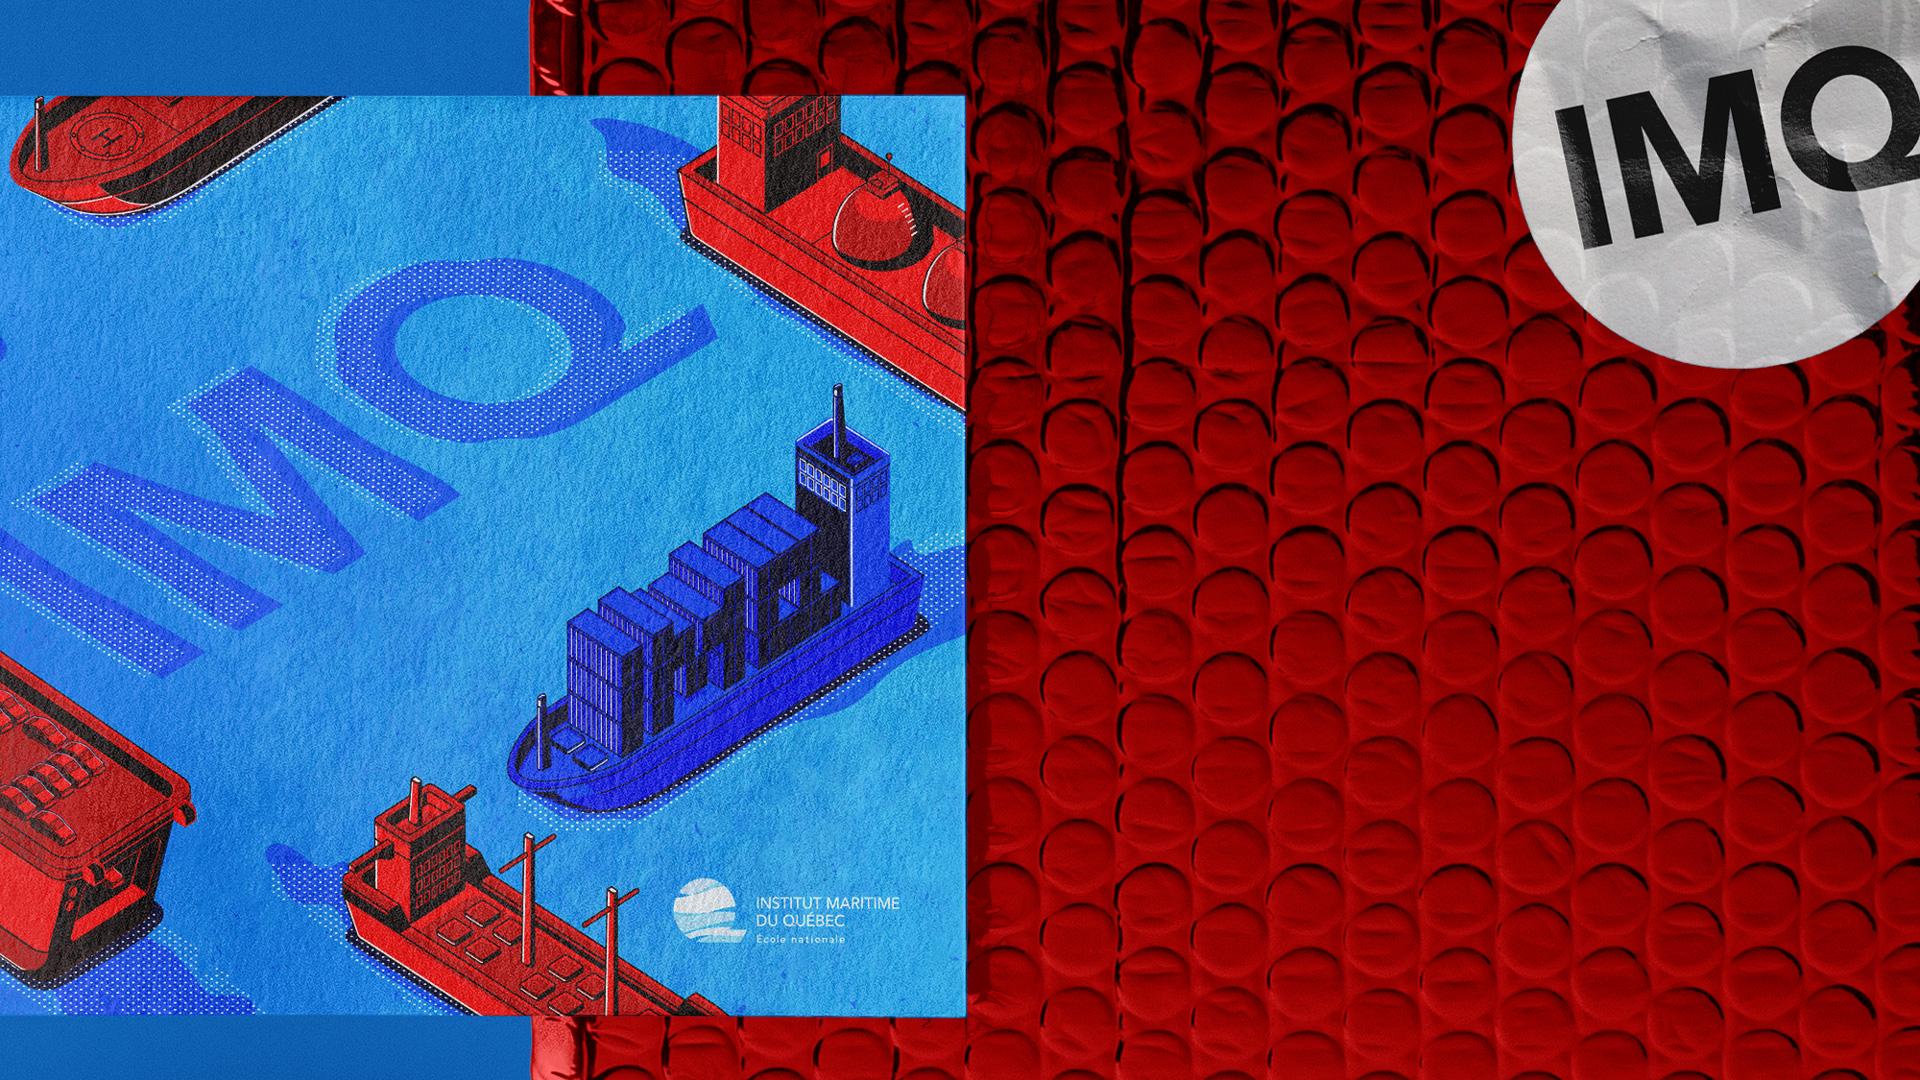 Emballage et carte postale des trousses pédagogiques de l'Institut maritime du Québec - Studio Paysage - Page Projets - IMQ